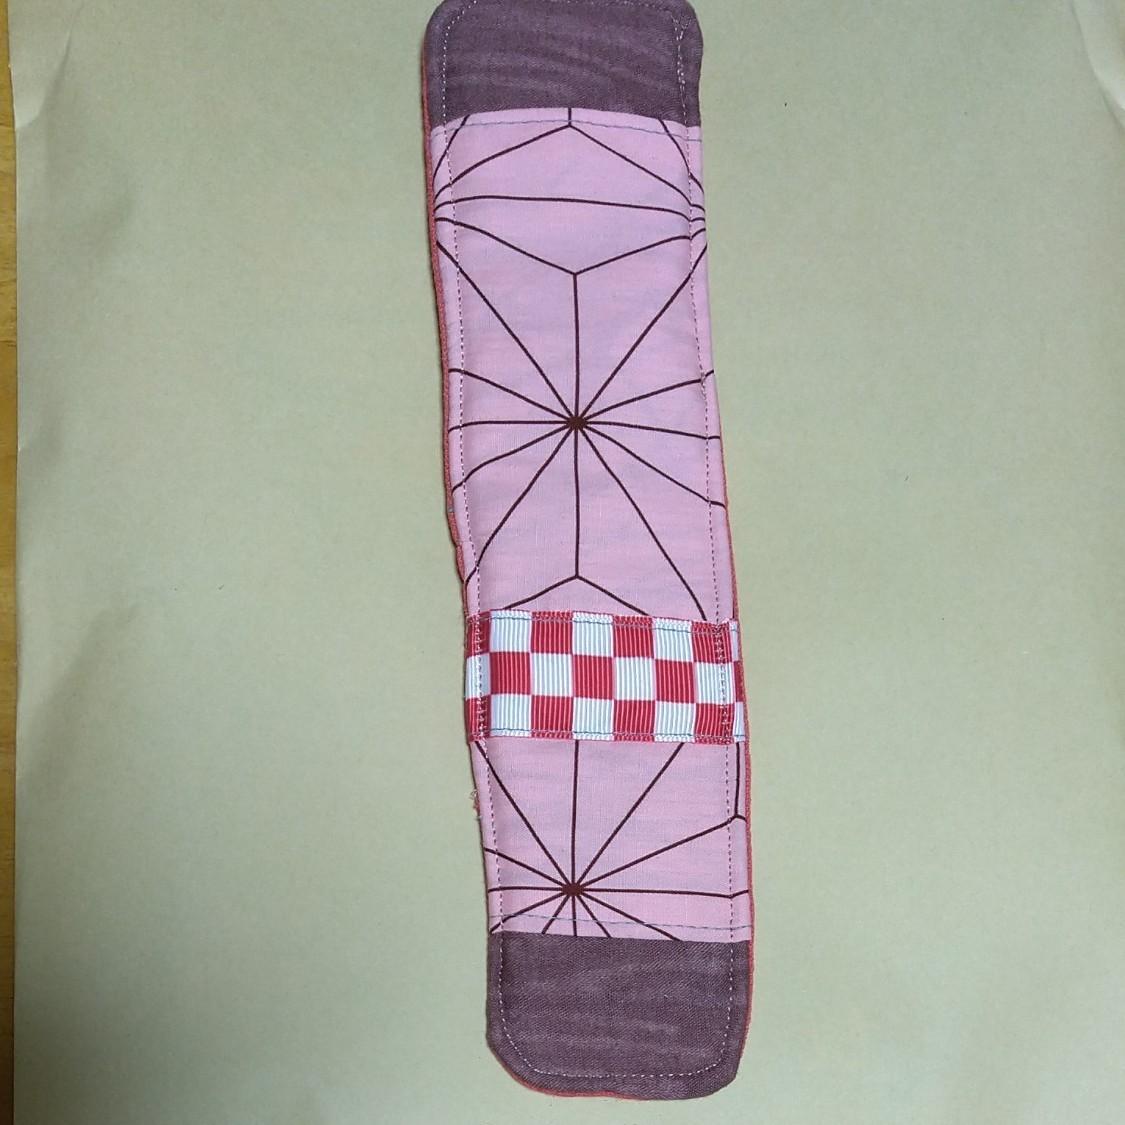 水筒肩紐カバー ハンドメイド